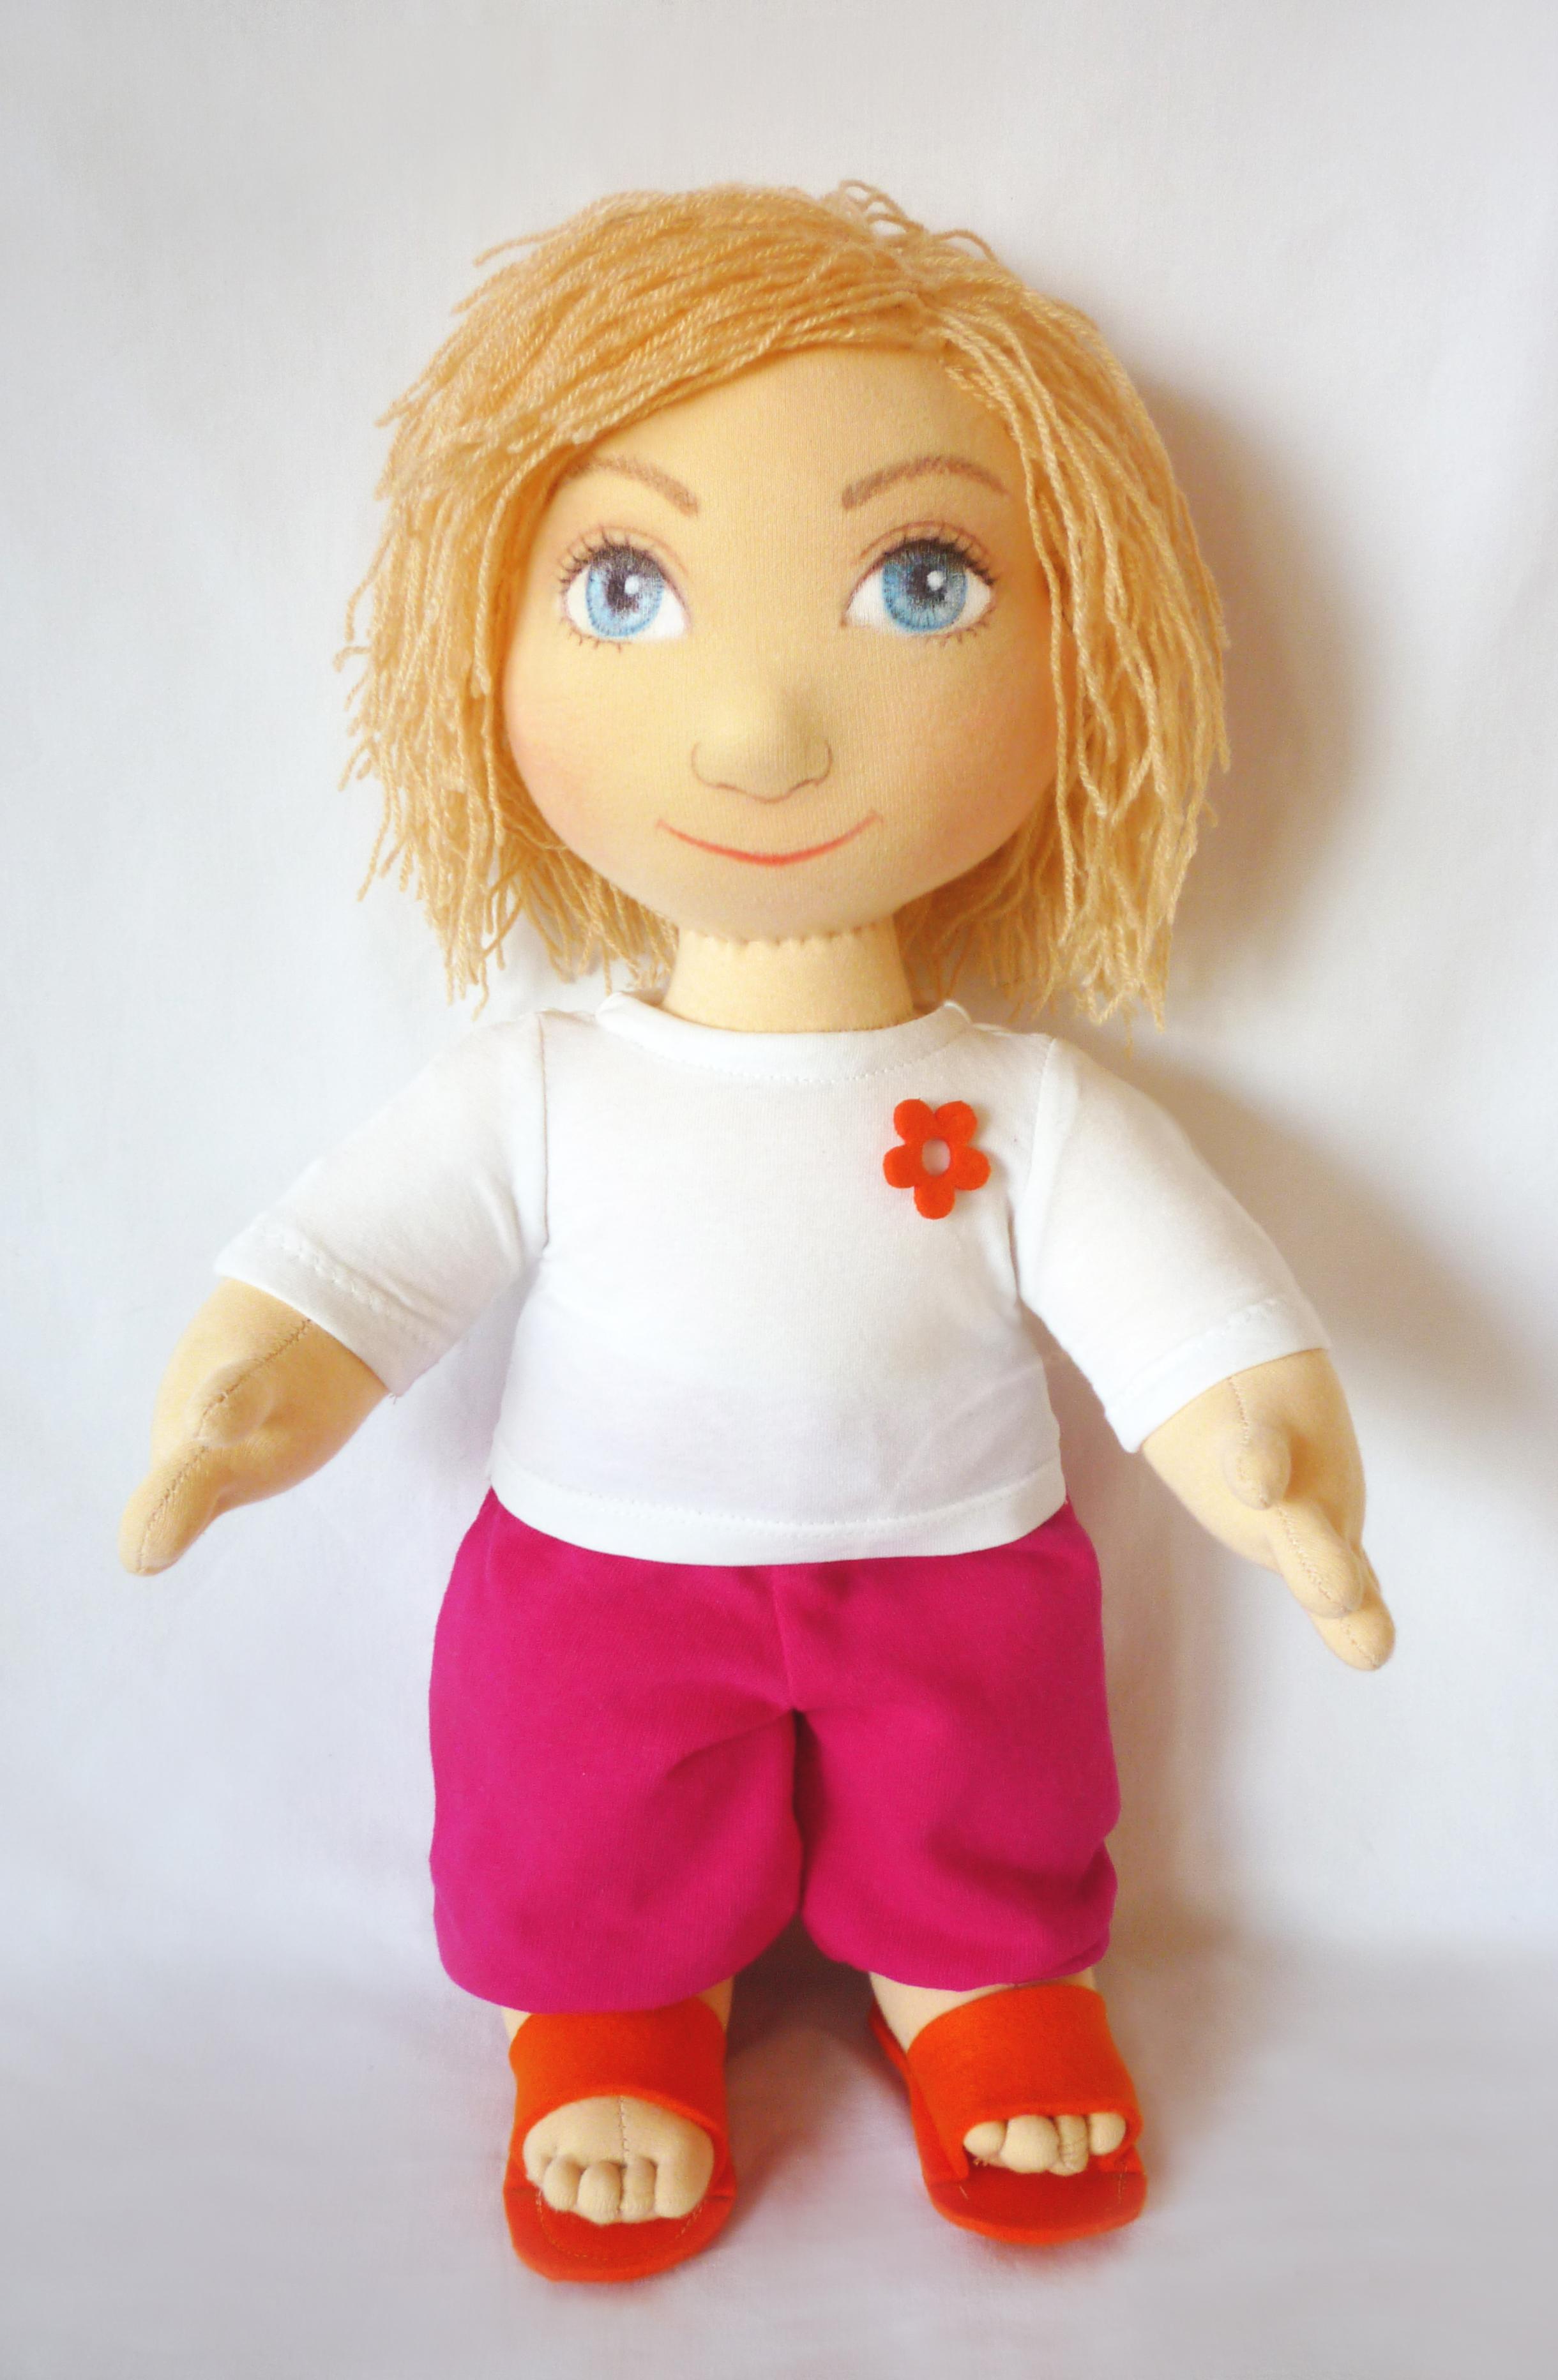 Ručně šitá terapeutická panenka ideální dárek na vánoce, narozeniny, svátek